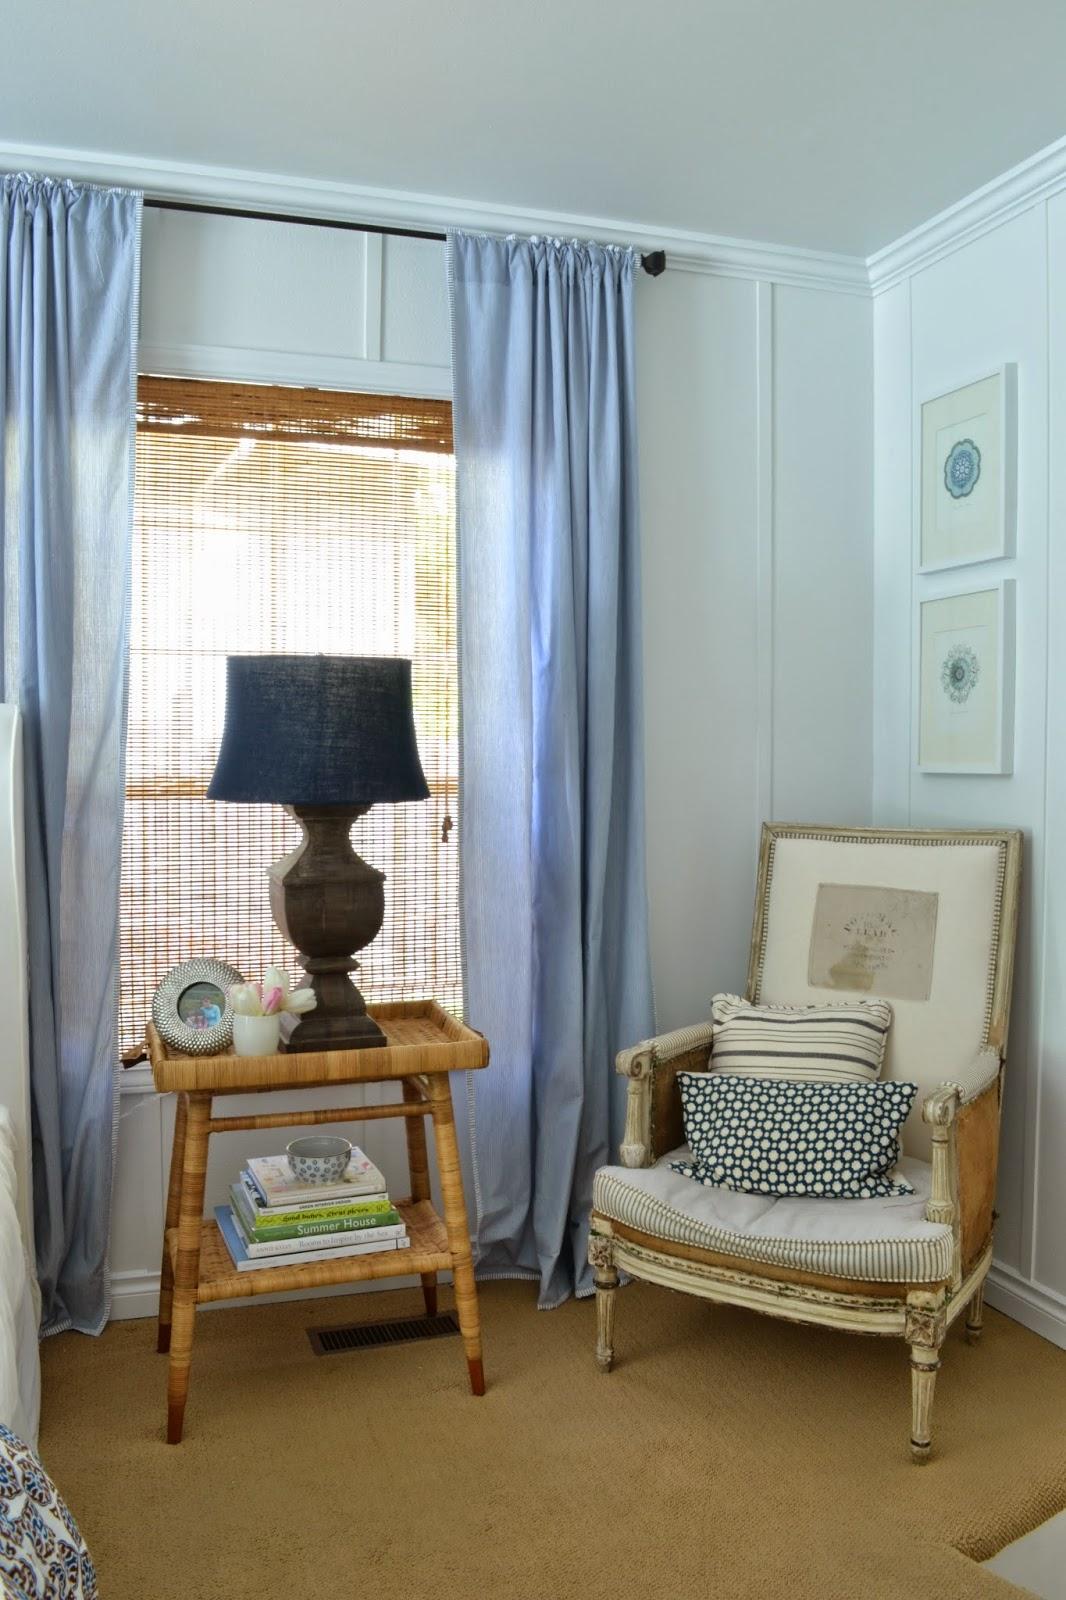 Steward of design one room challenge master bedroom revealed for Room design challenge